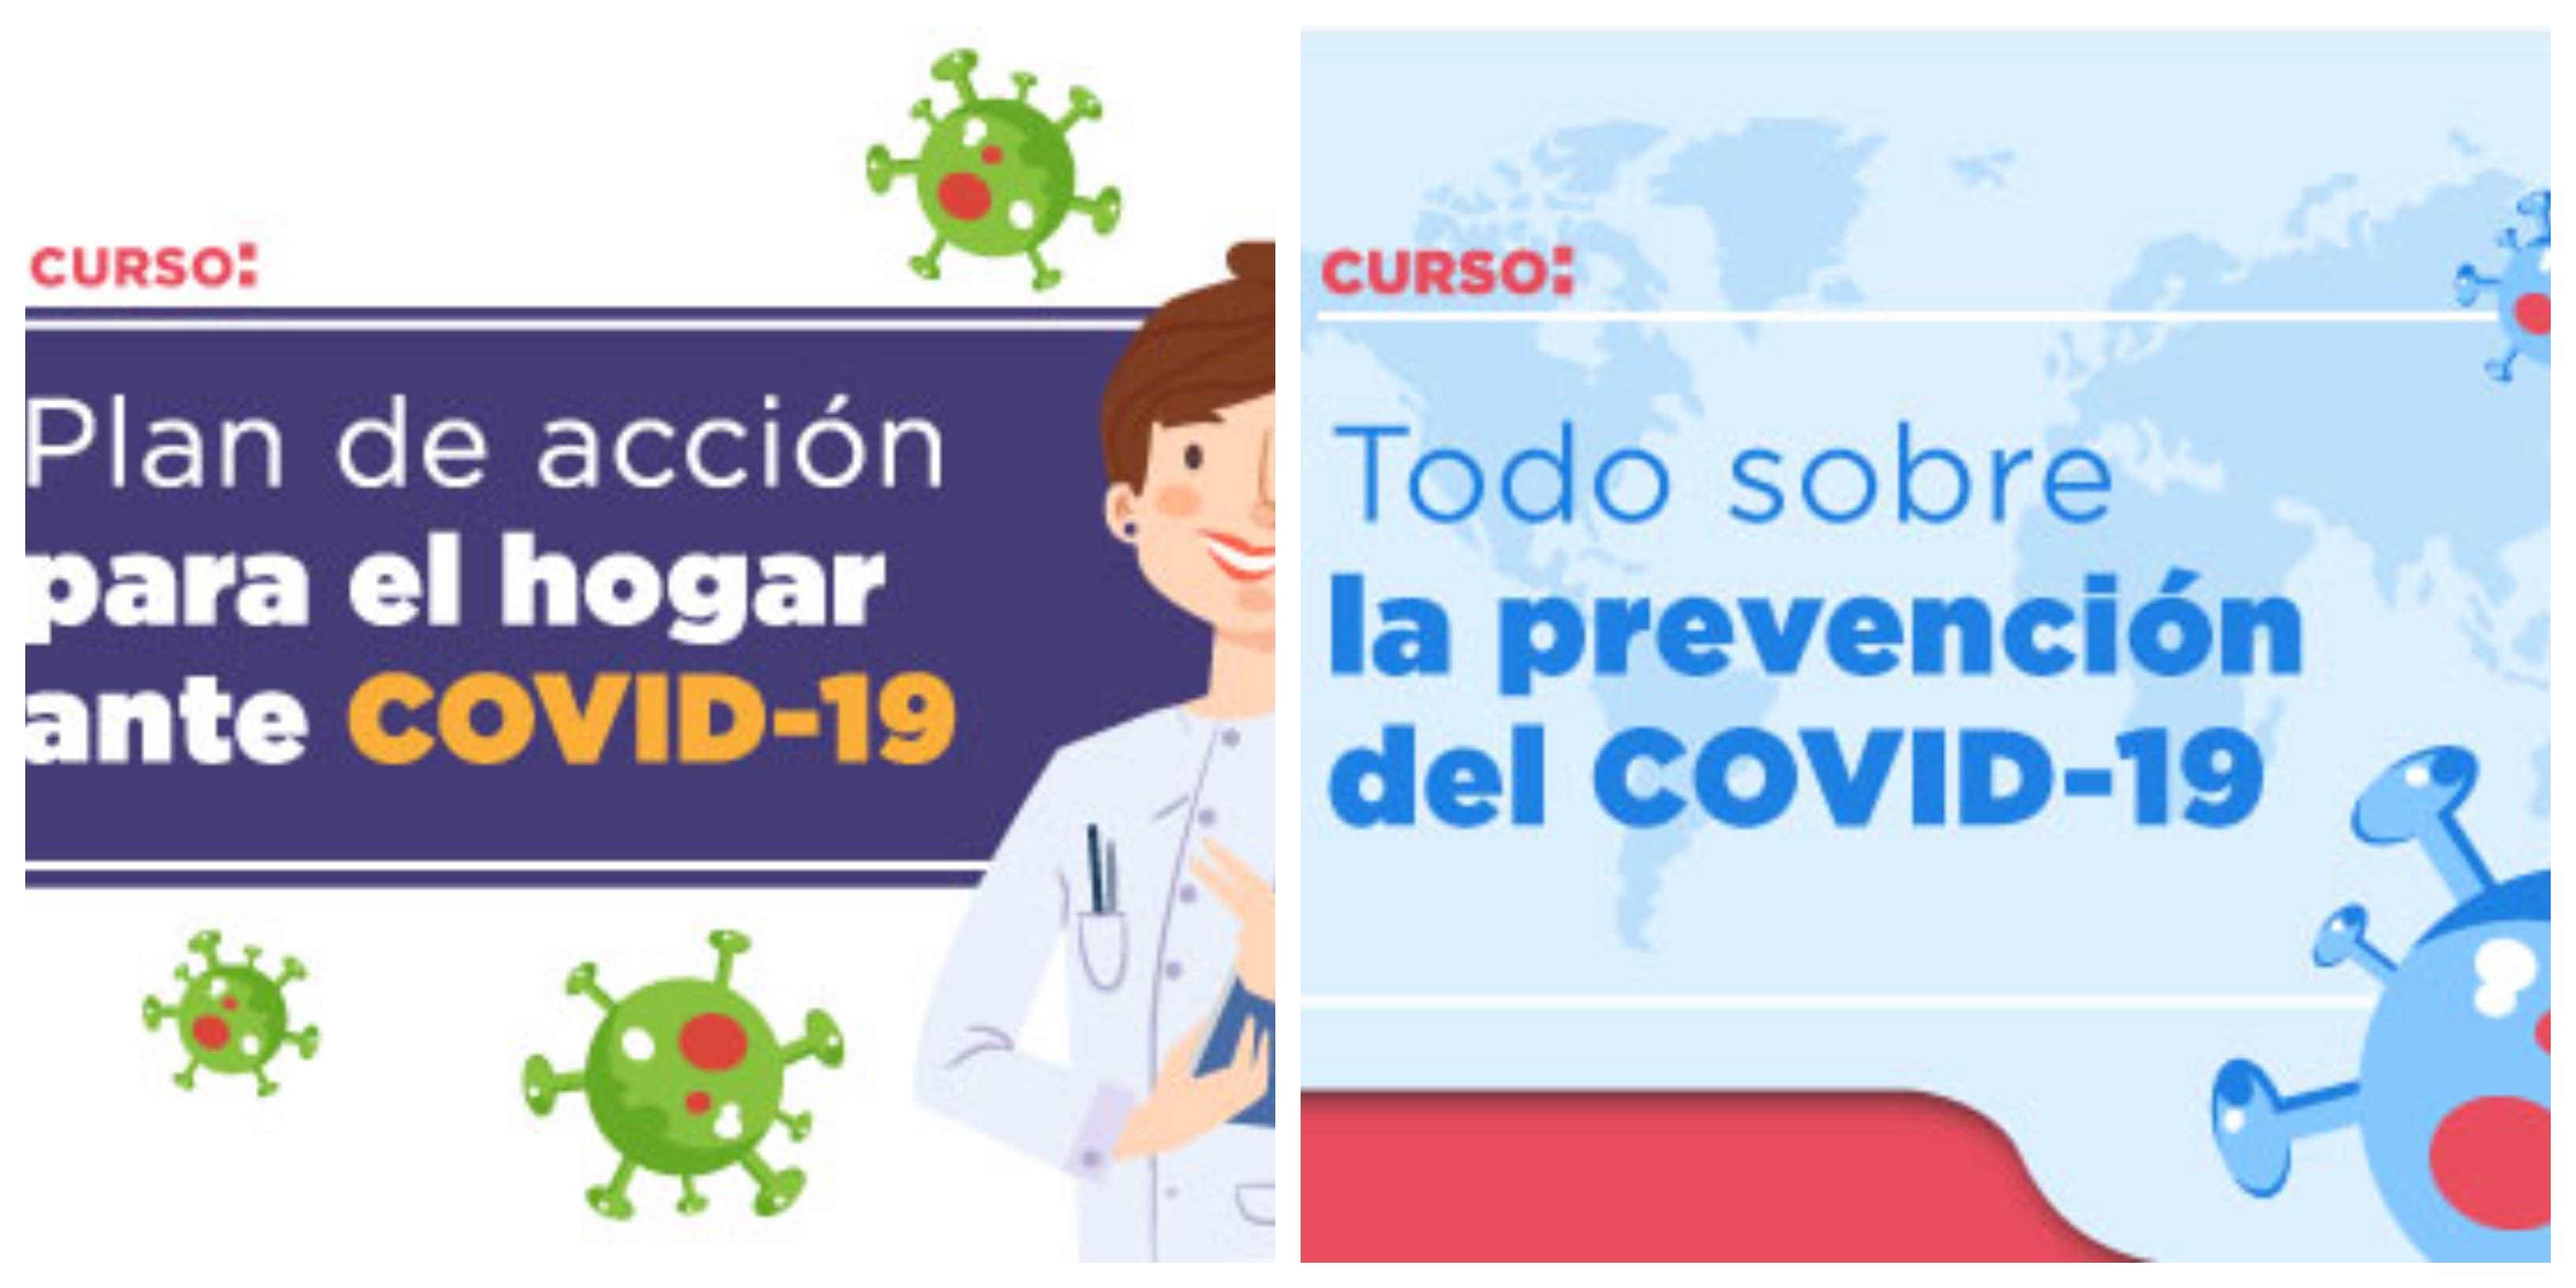 """IMSS ofrece curso en línea """"Todo sobre la prevención del COVID-19"""""""